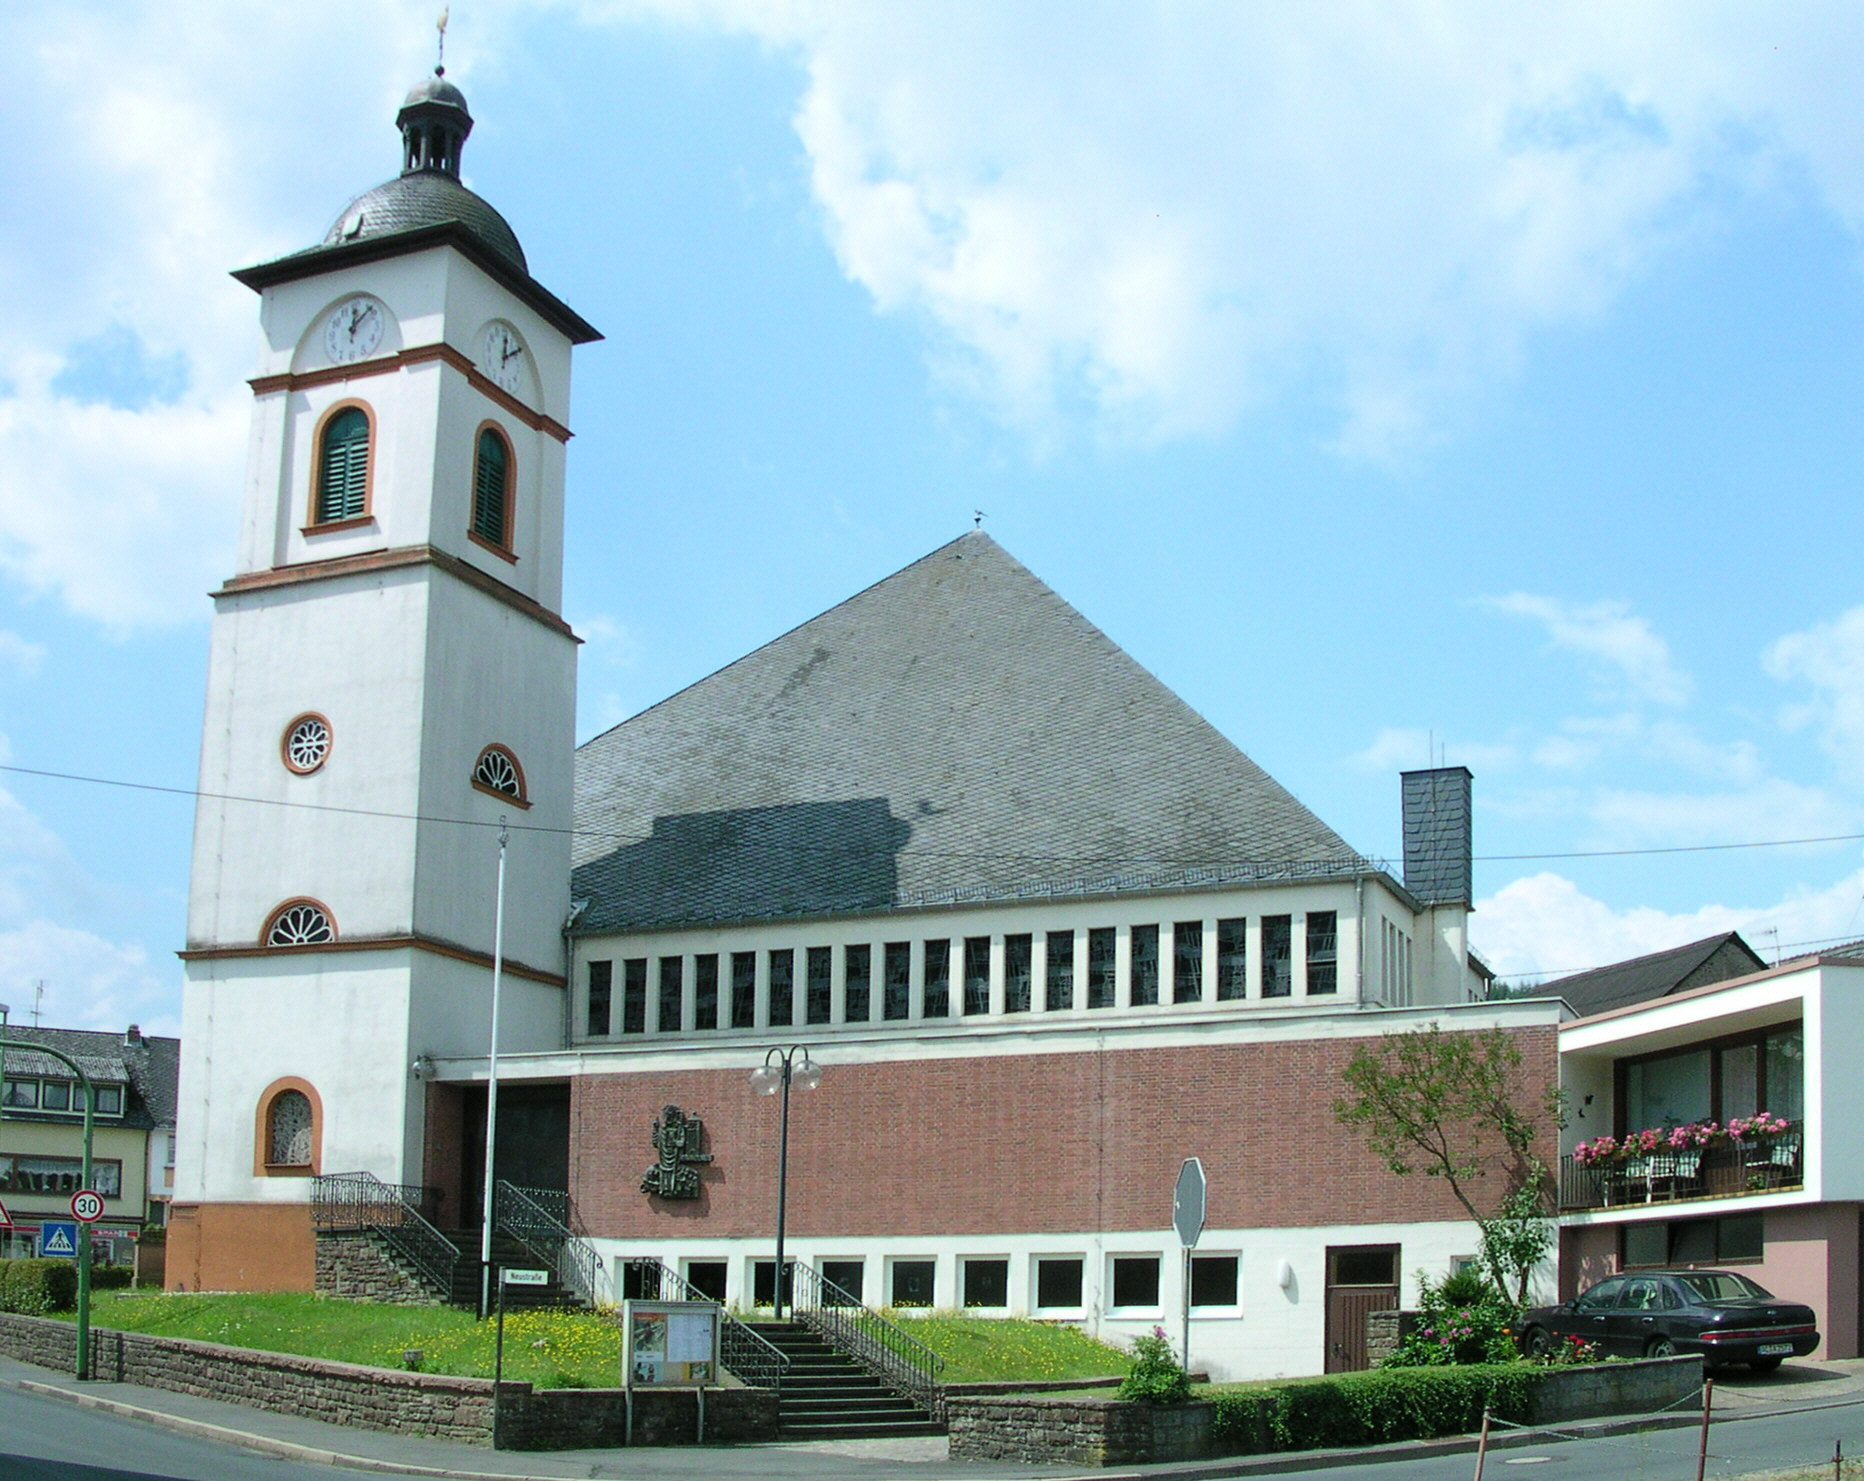 katholische Pfarrkirche St. Nikolaus in Birresborn, Rheinland-Pfalz